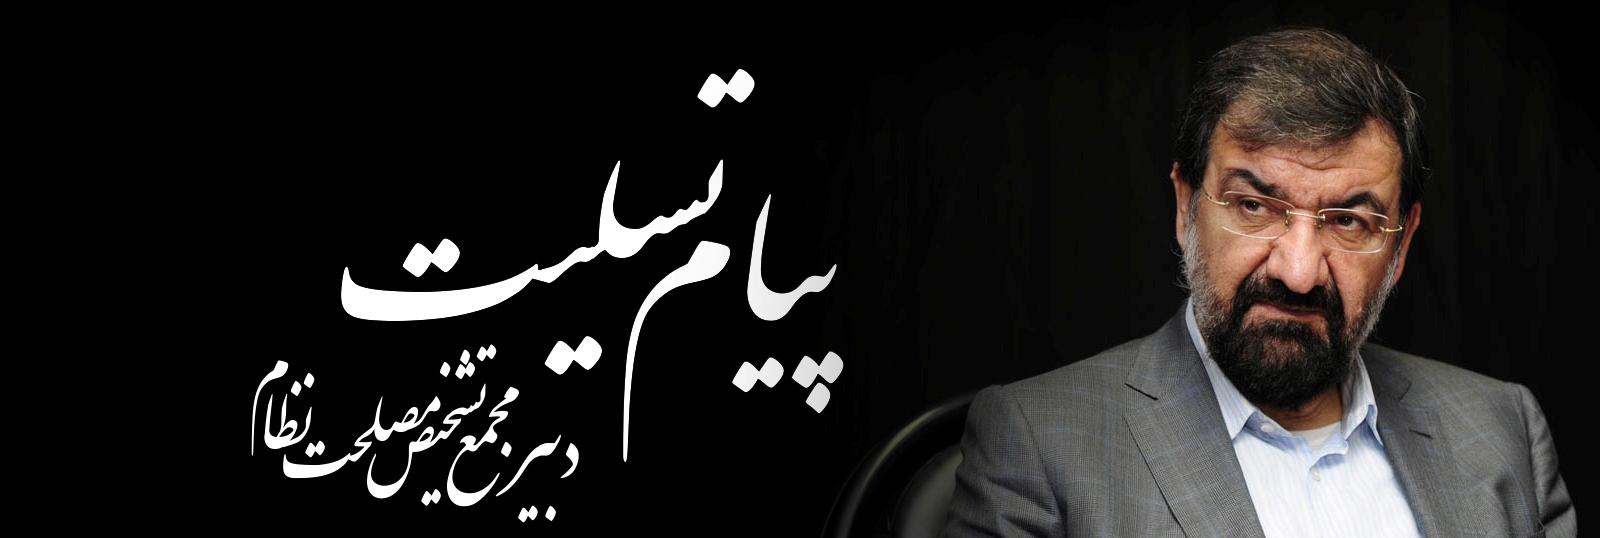 پیام تسلیت دبیرمجمع تشخیص به دادستان کل کشور